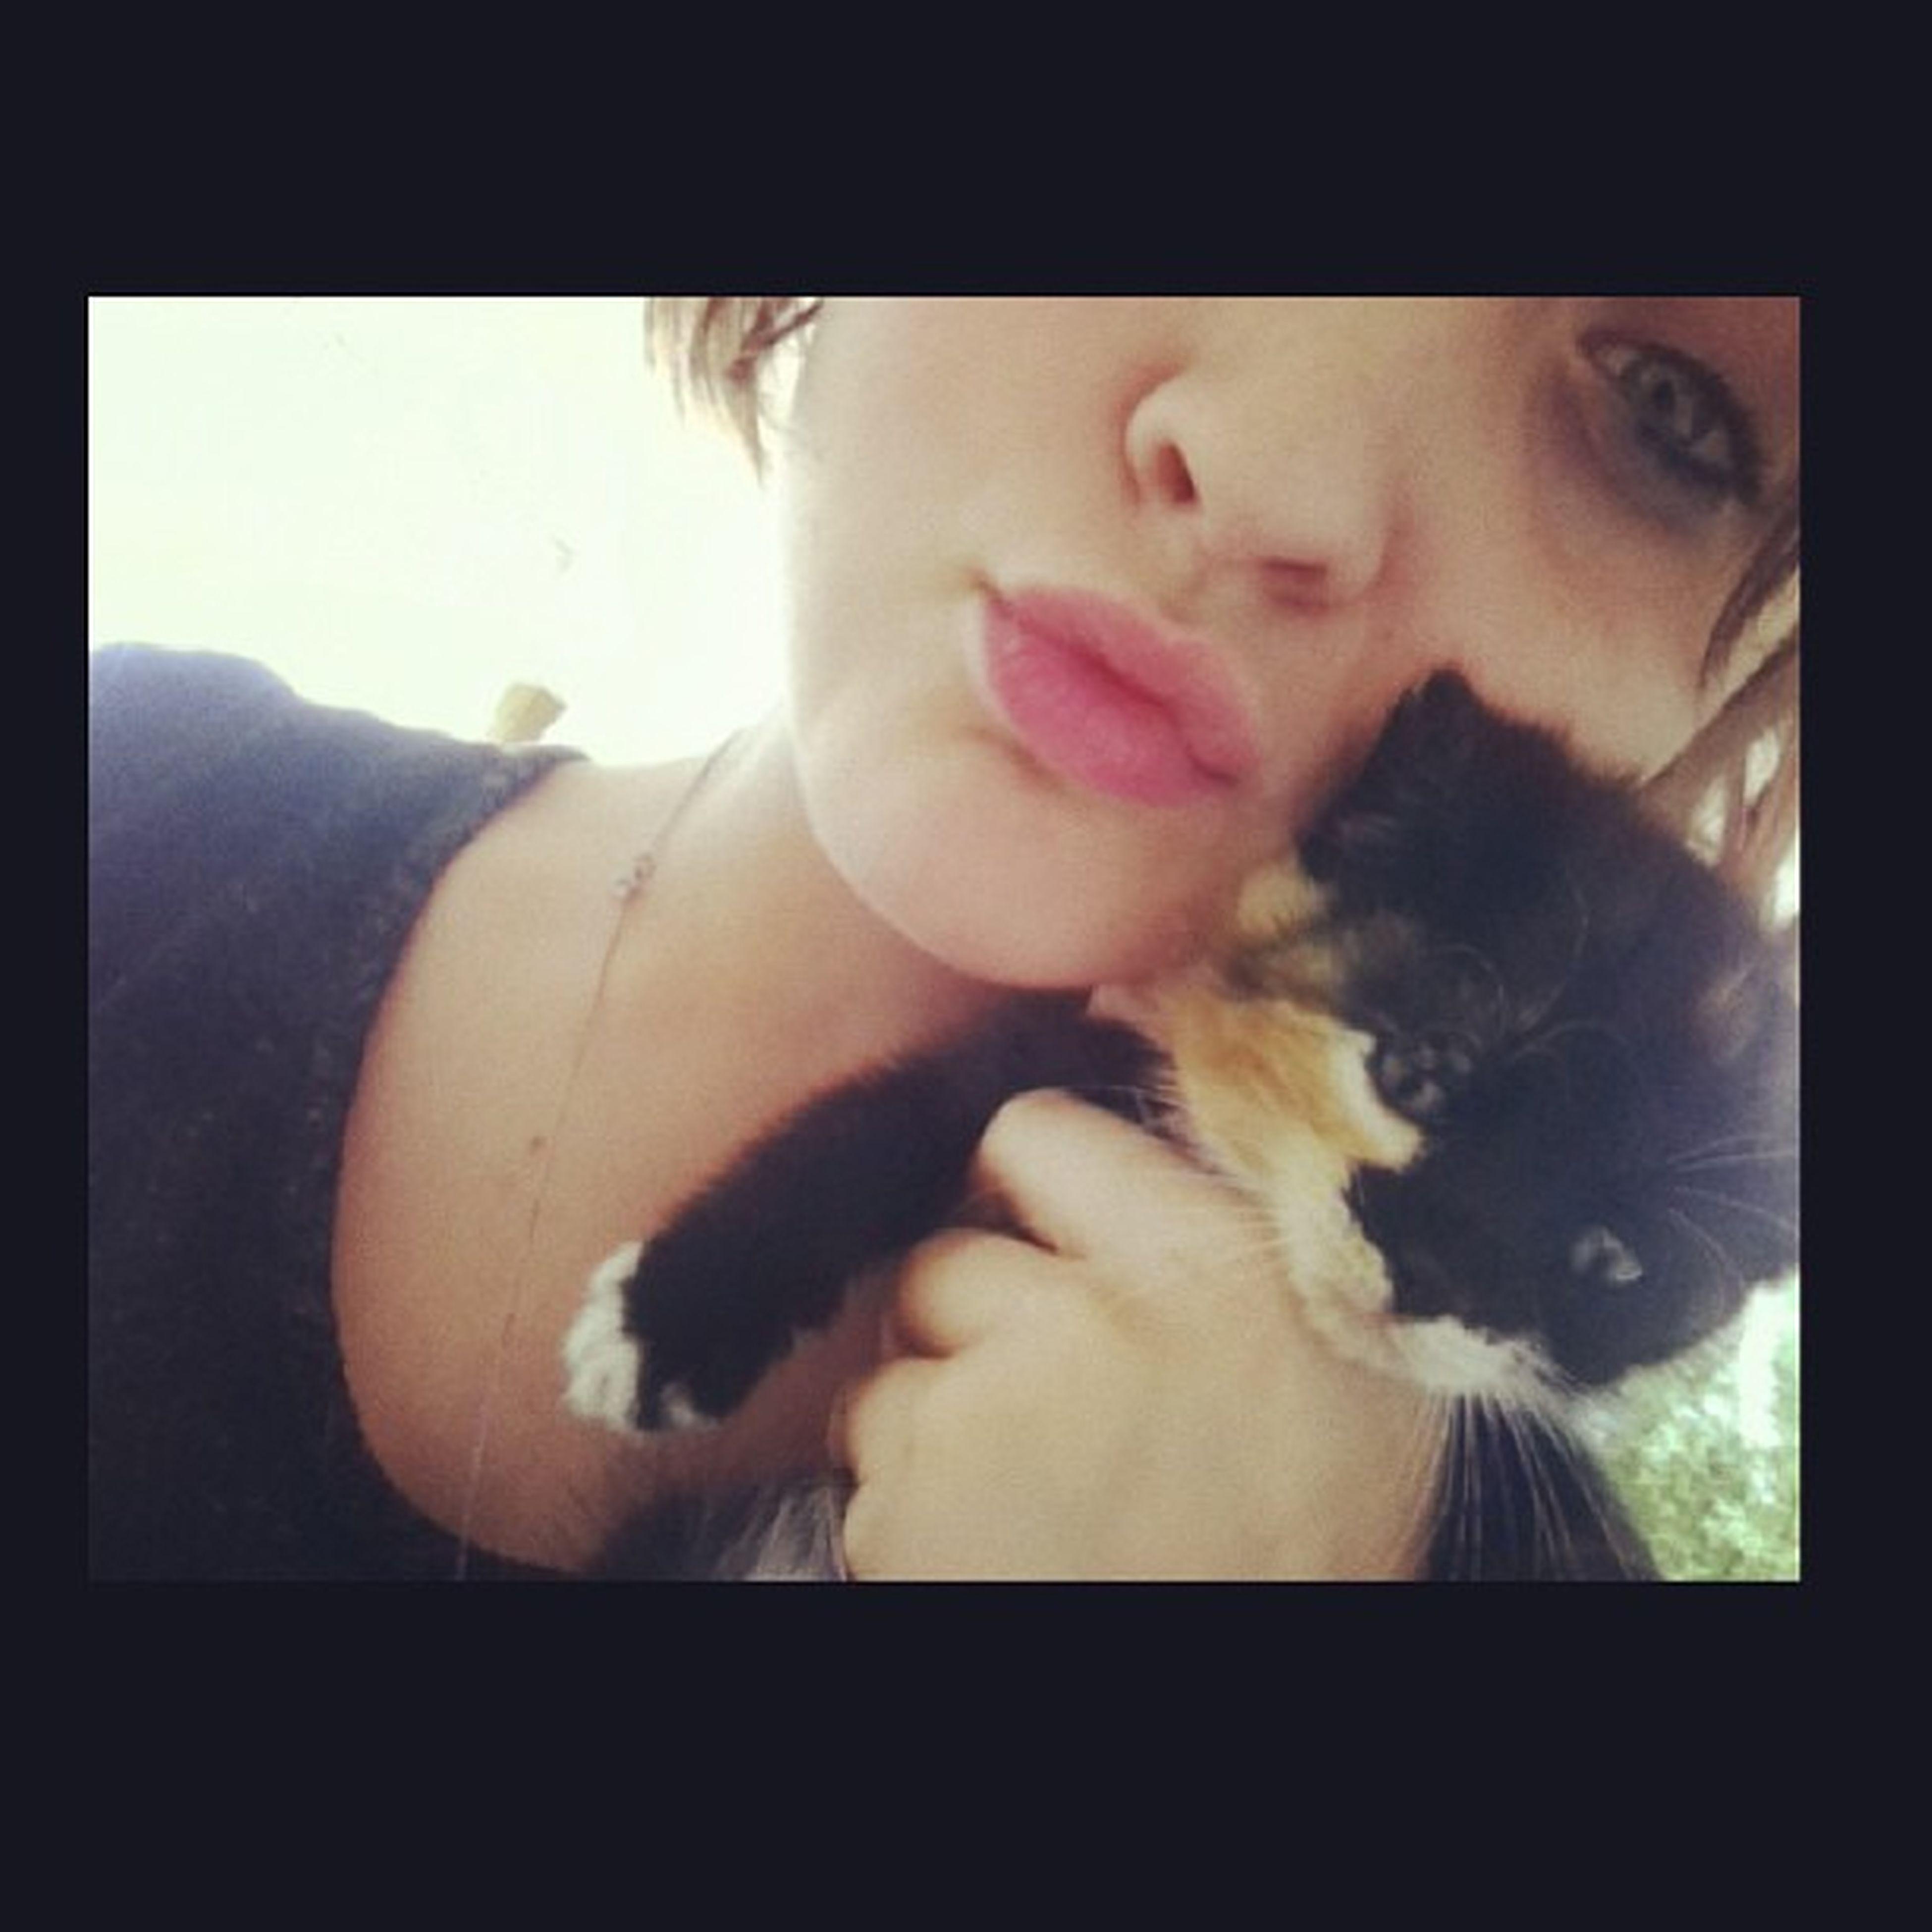 Bffs4lyfe Kitten Mewmew Socute